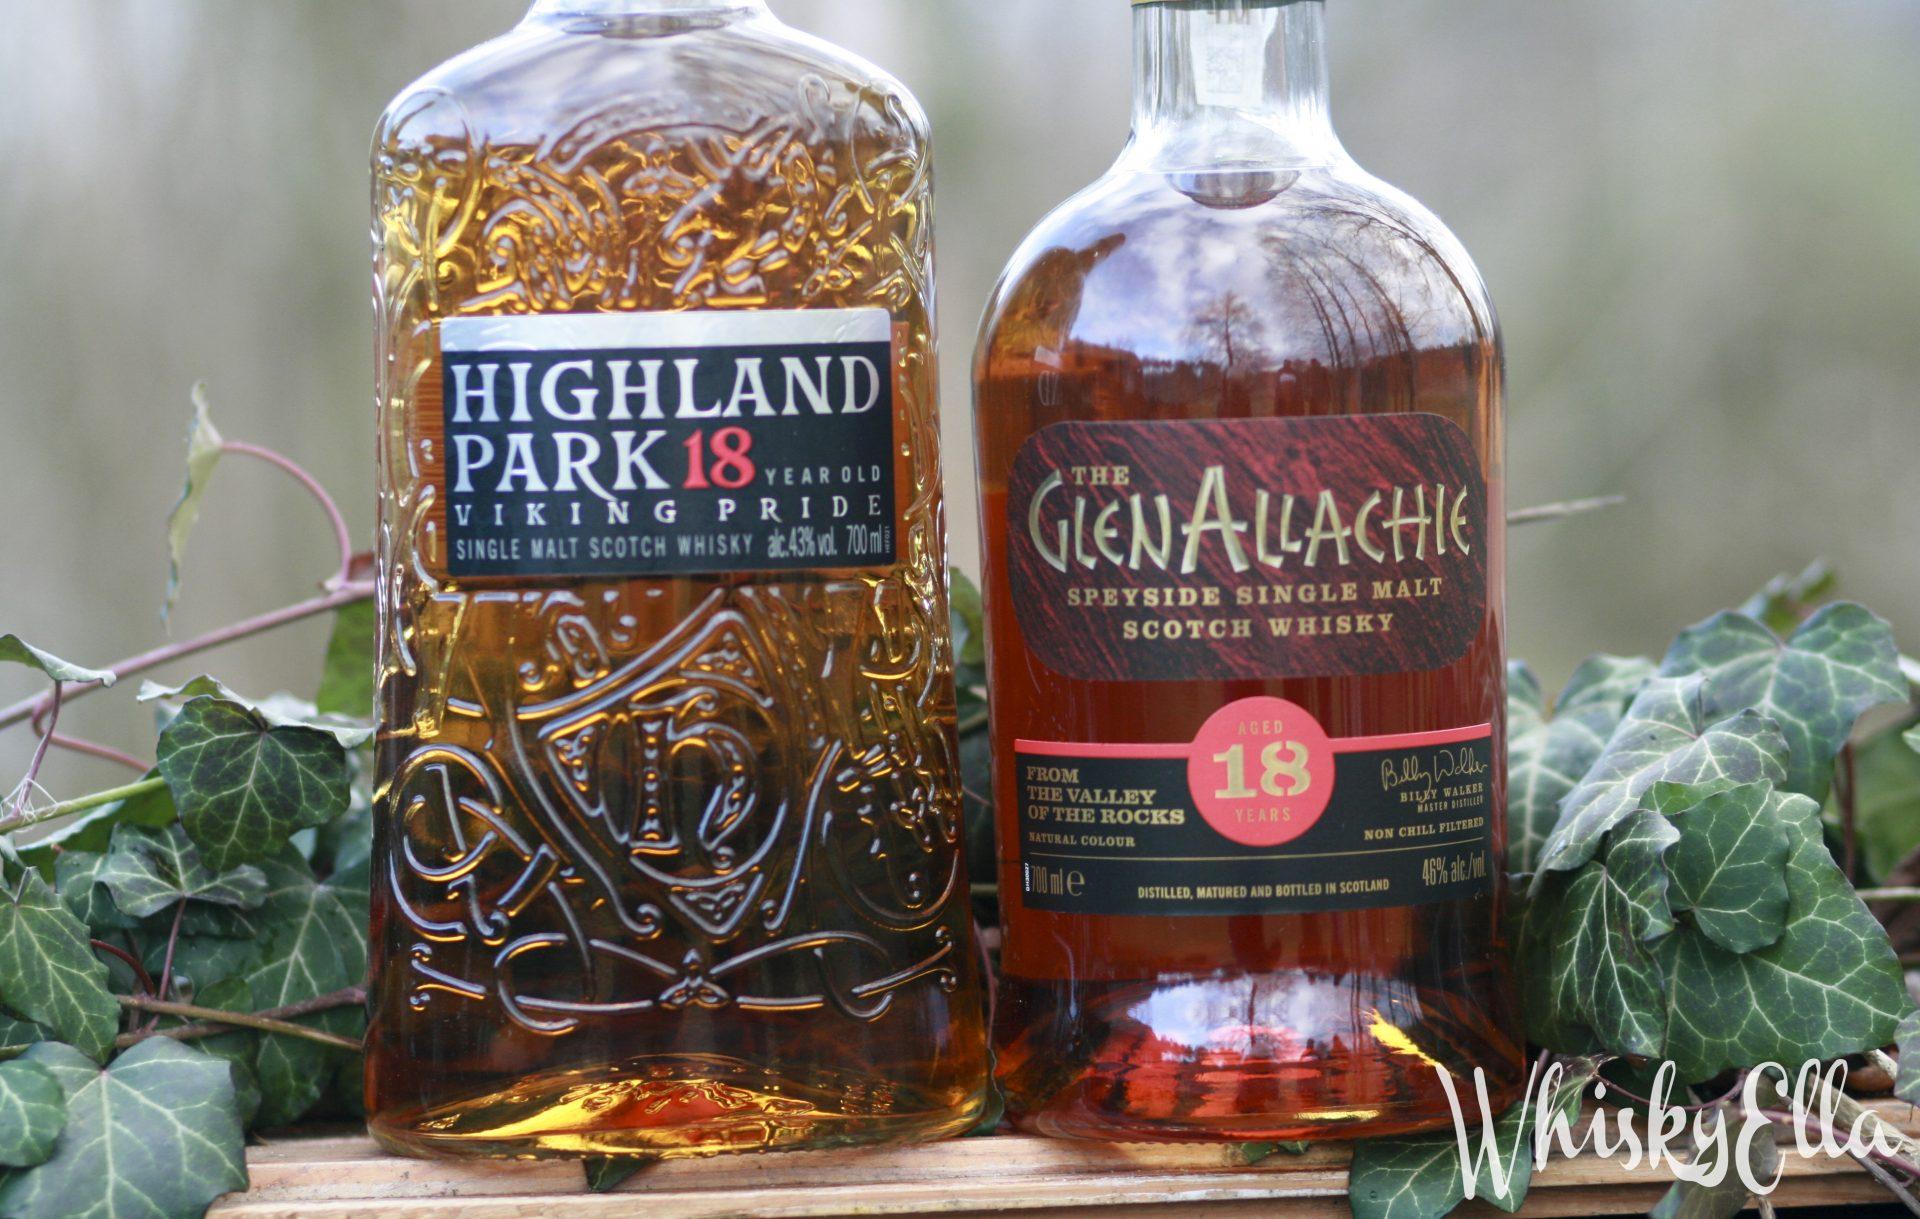 Nasza recenzja Highland Park 18 yo vs GlenAllachie 18 yo #89